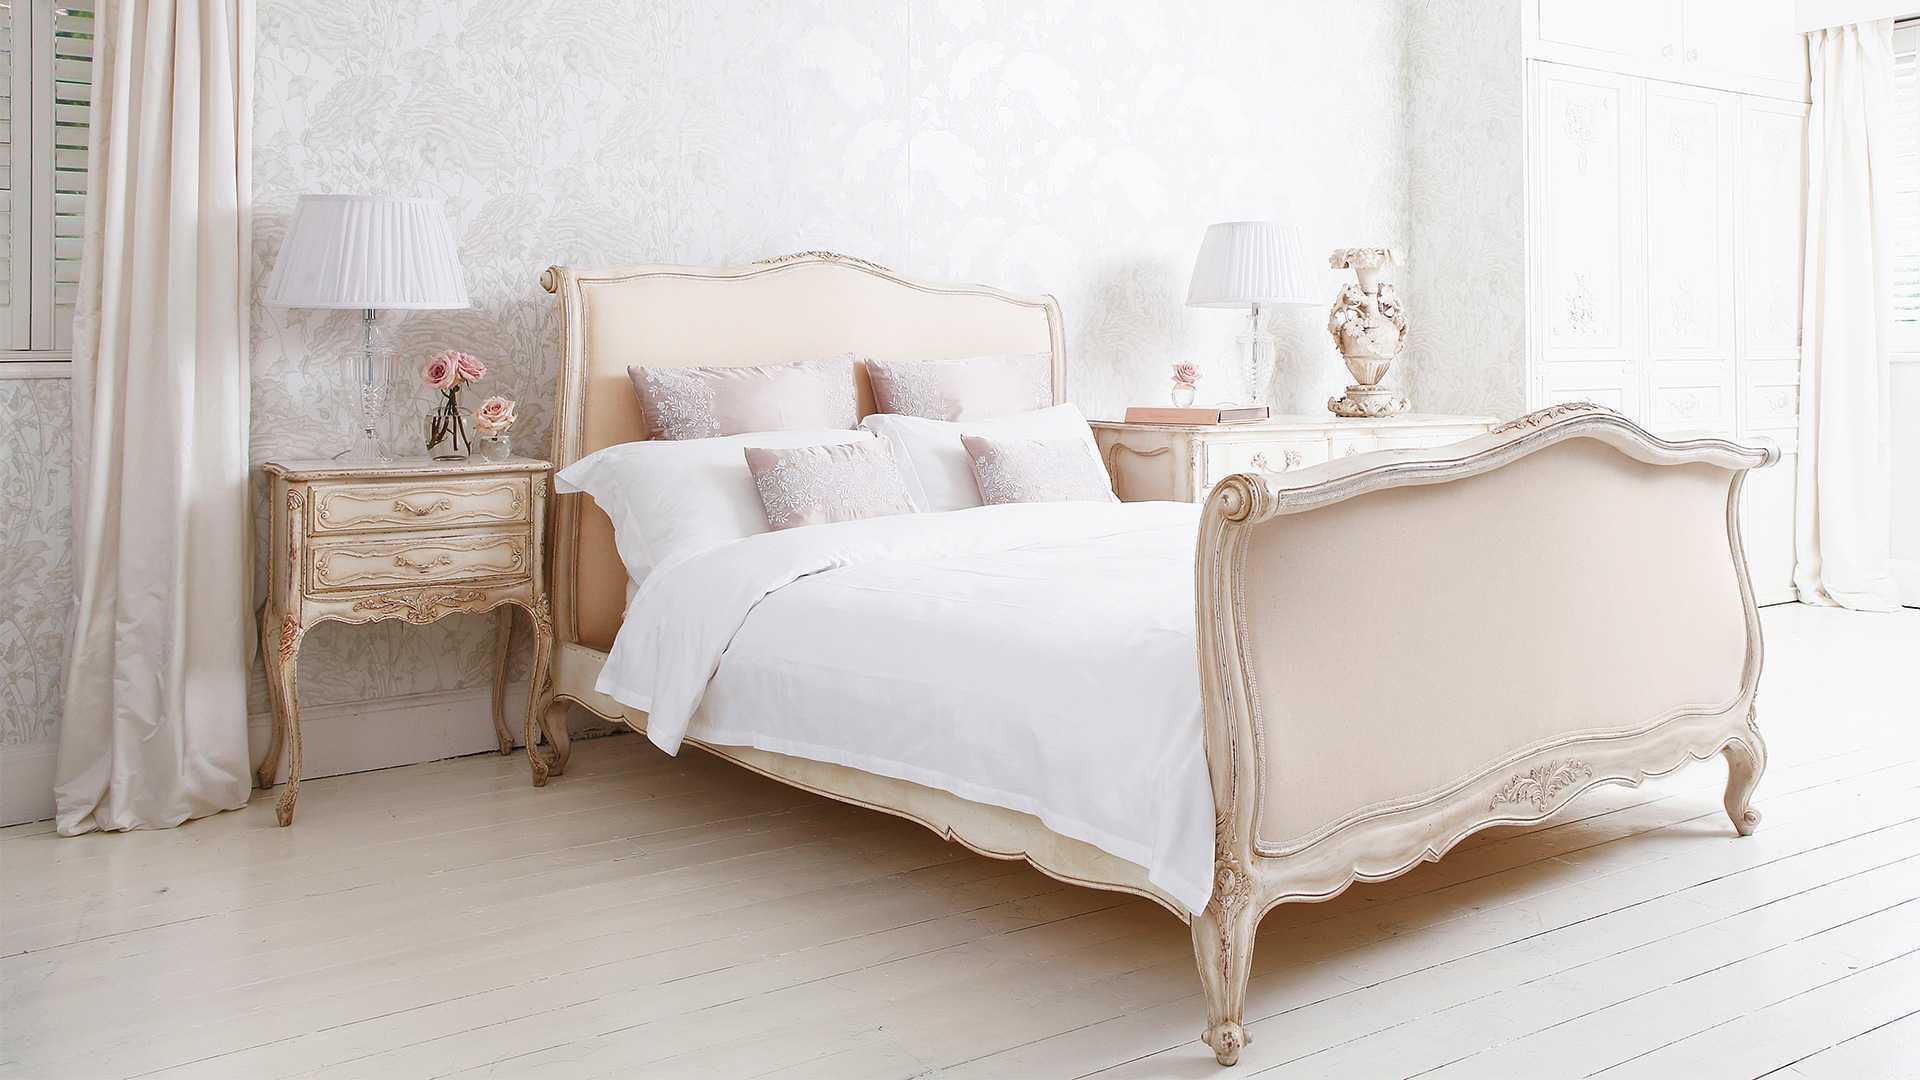 Кровать и тумбы в стиле прованс